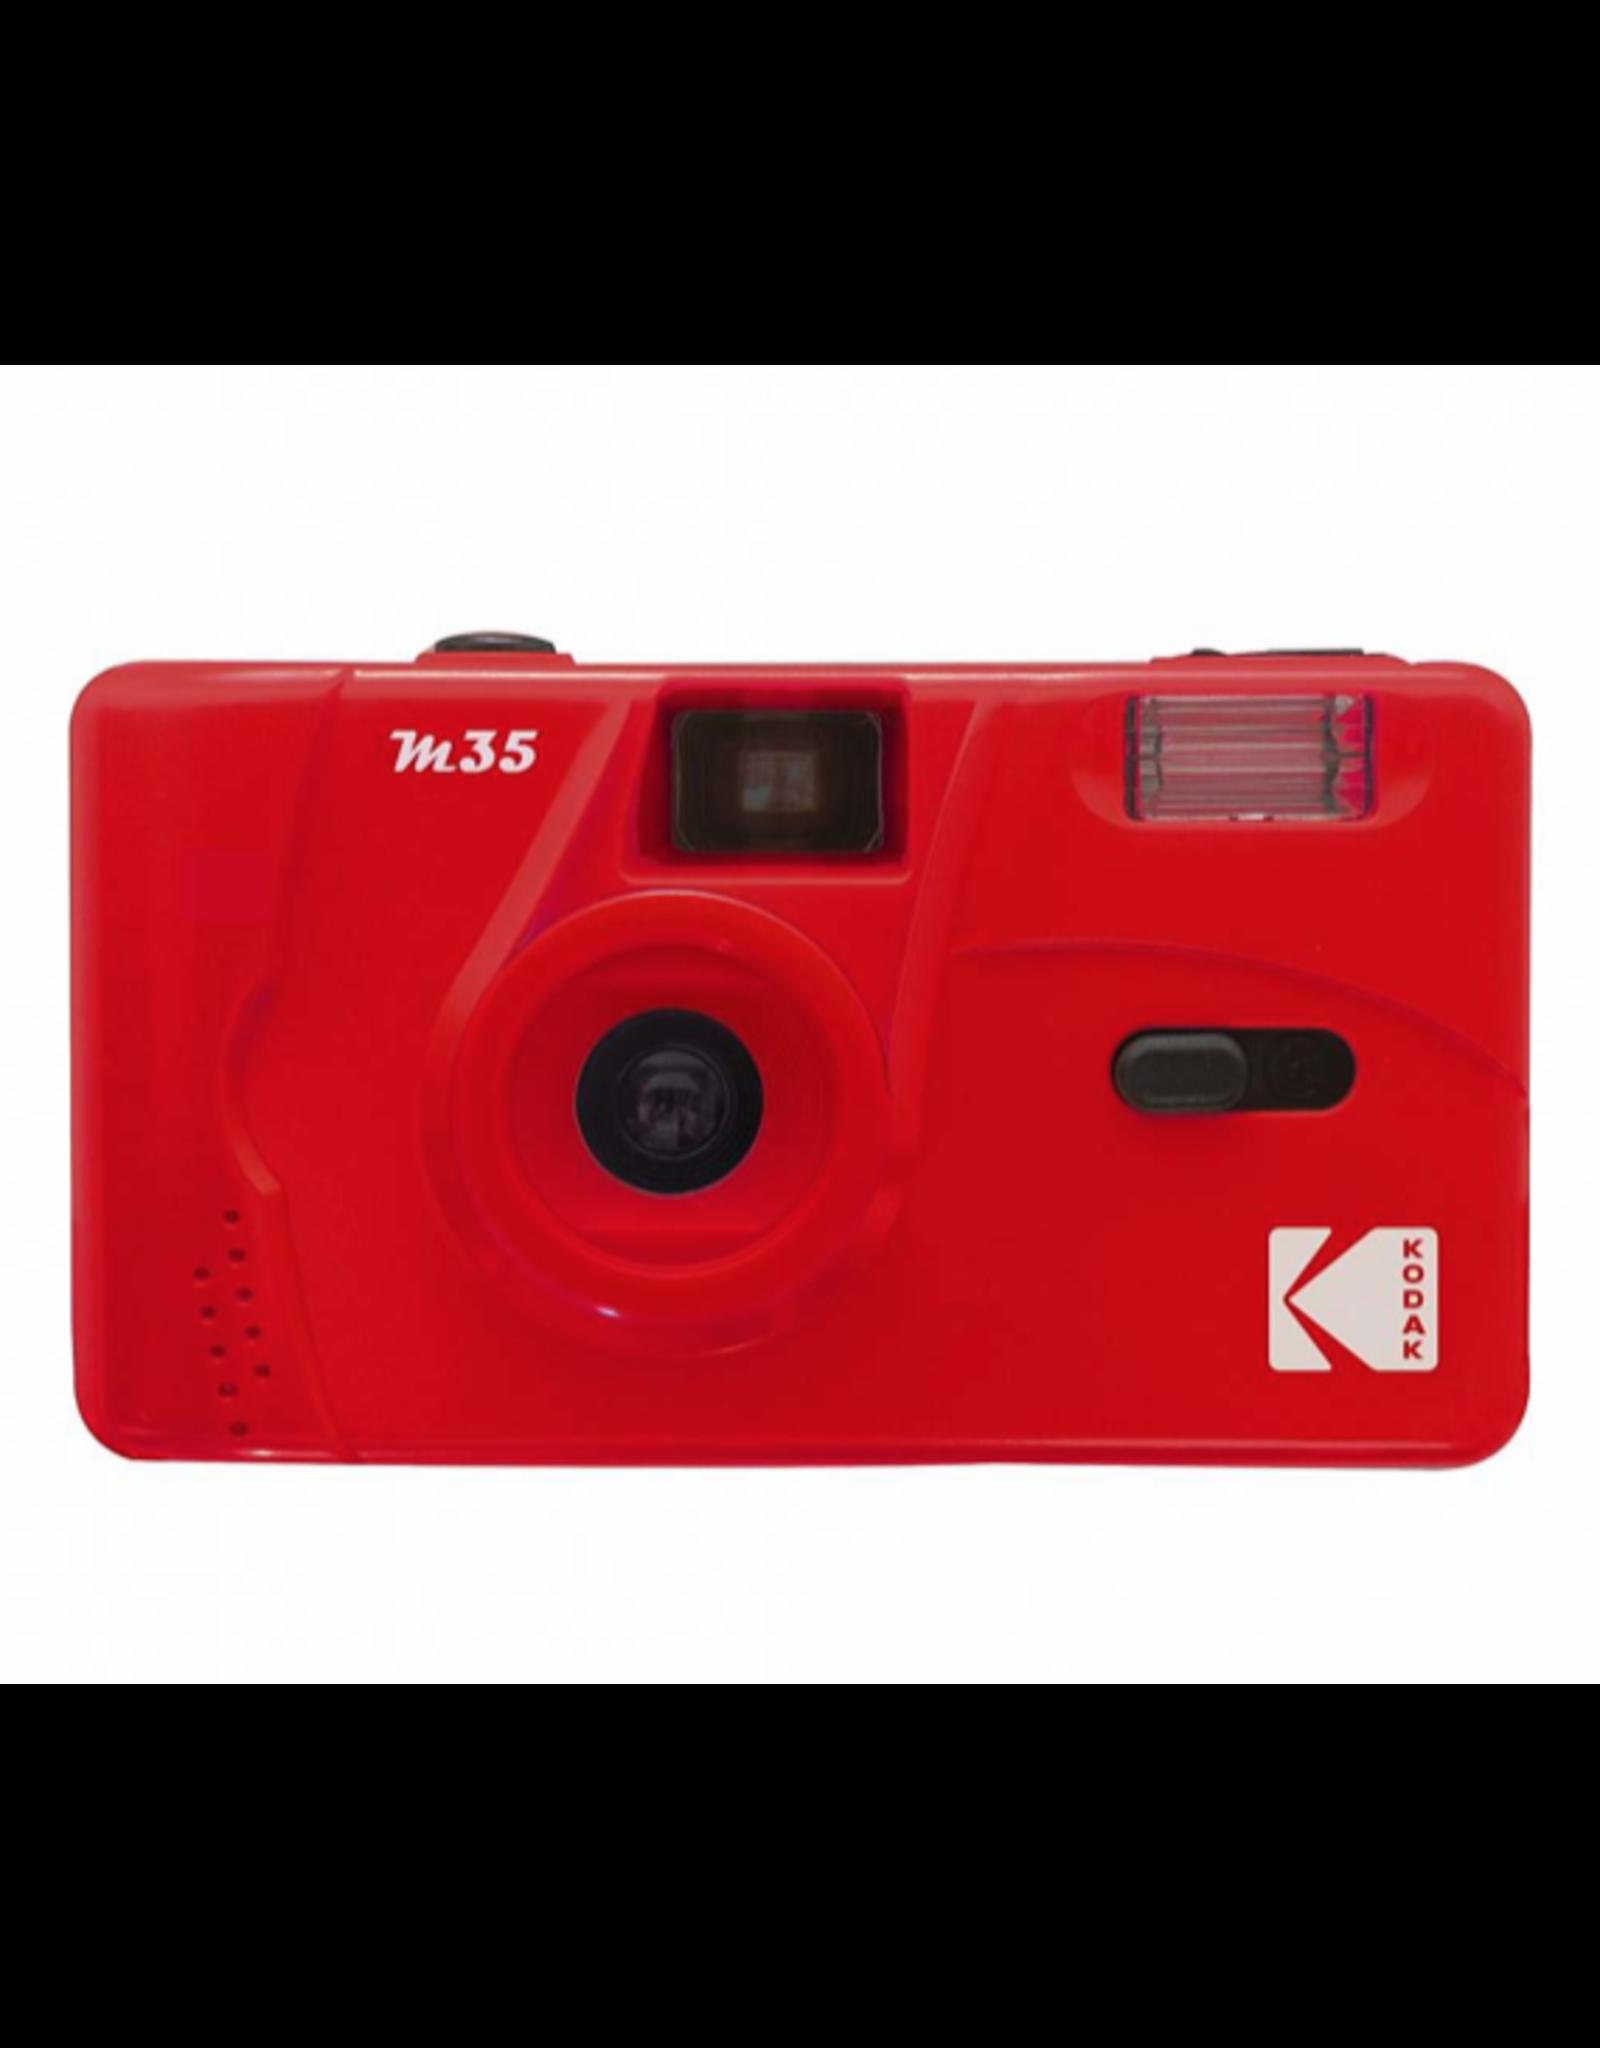 kodak Kodak M35 35mm Reusable Point & Shoot Film Camera